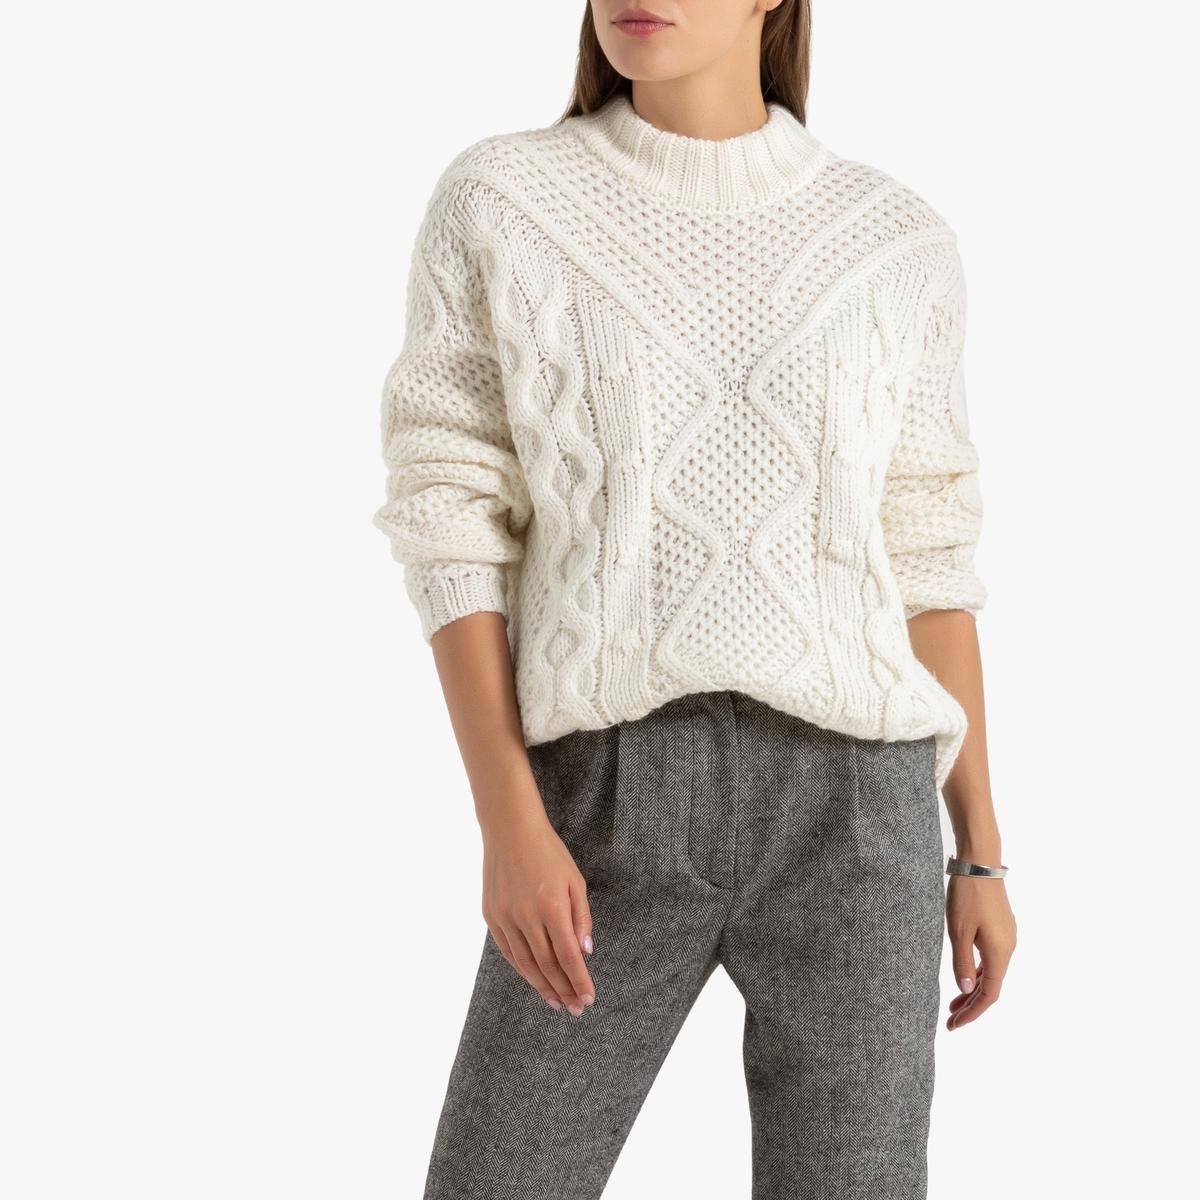 Пуловер La Redoute С воротником-стойкой из трикотажа с узором косы L белый